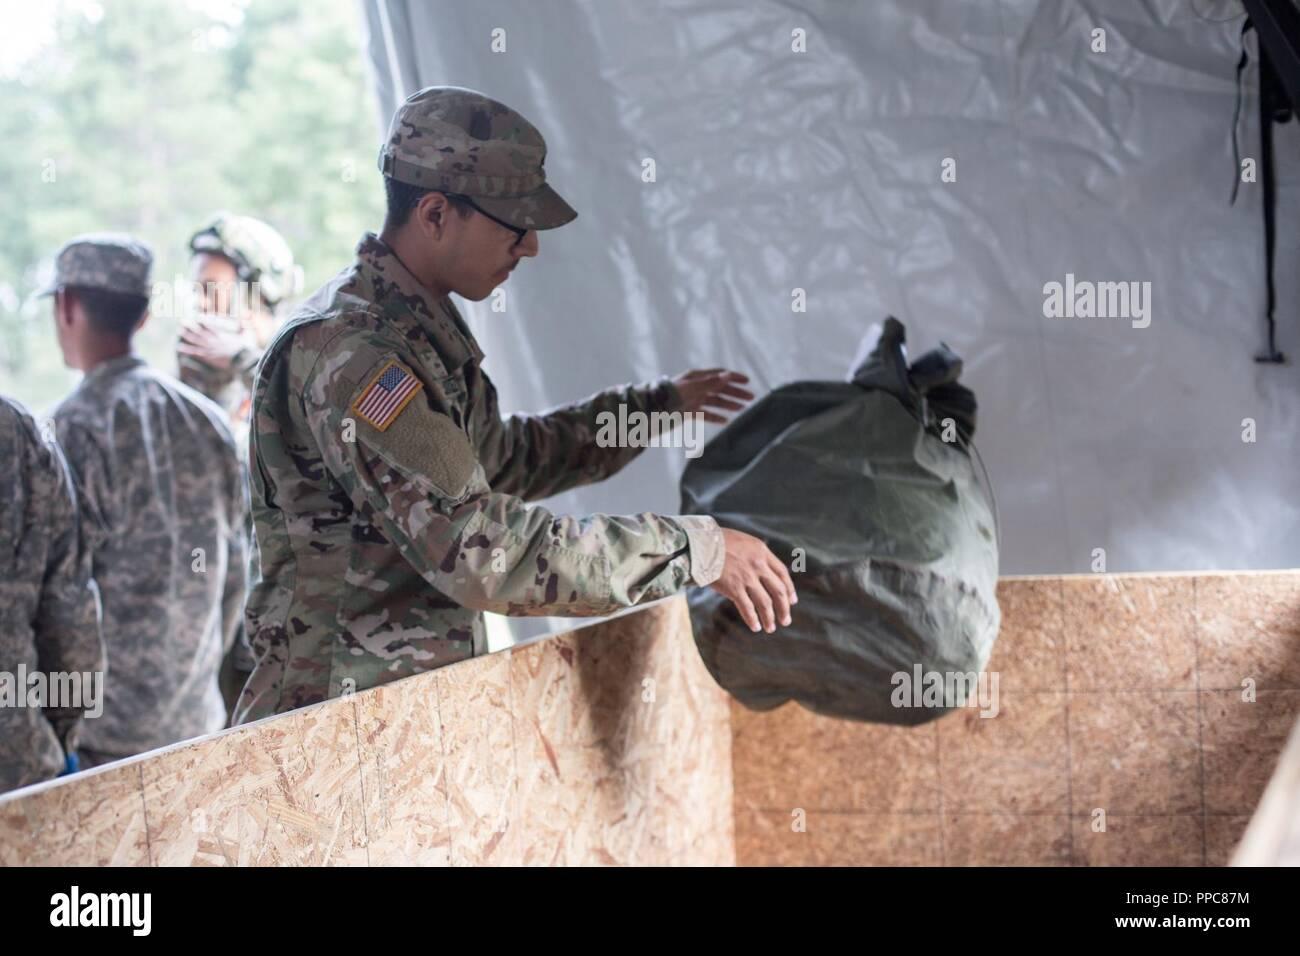 c8398c5f3eb3 U.S. Army Reserve Pvt. Joseph Juarez